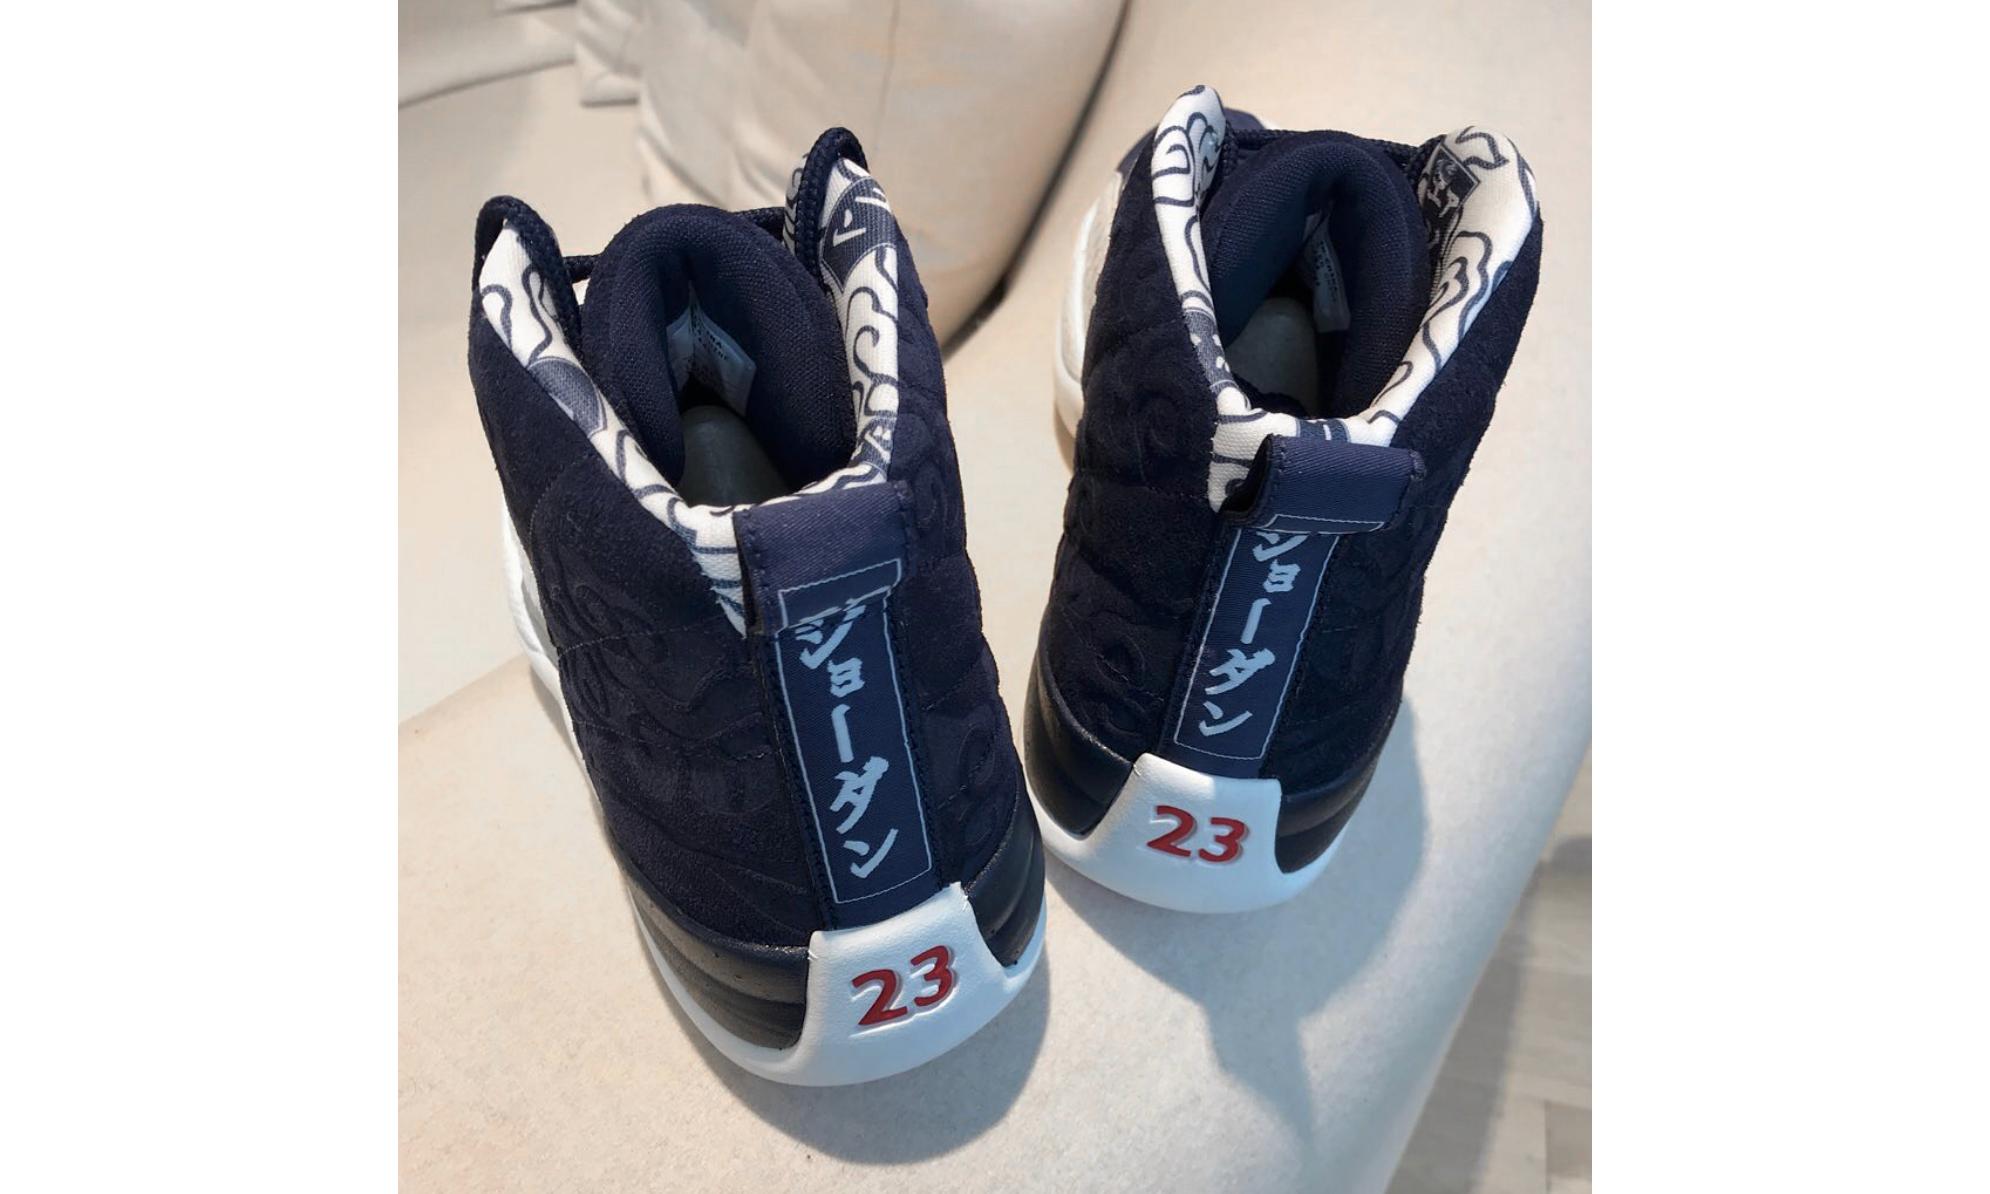 """这双附有日文的 AJ XII,来自于 Air Jordan 的最新 """"International Pack"""" 系列"""